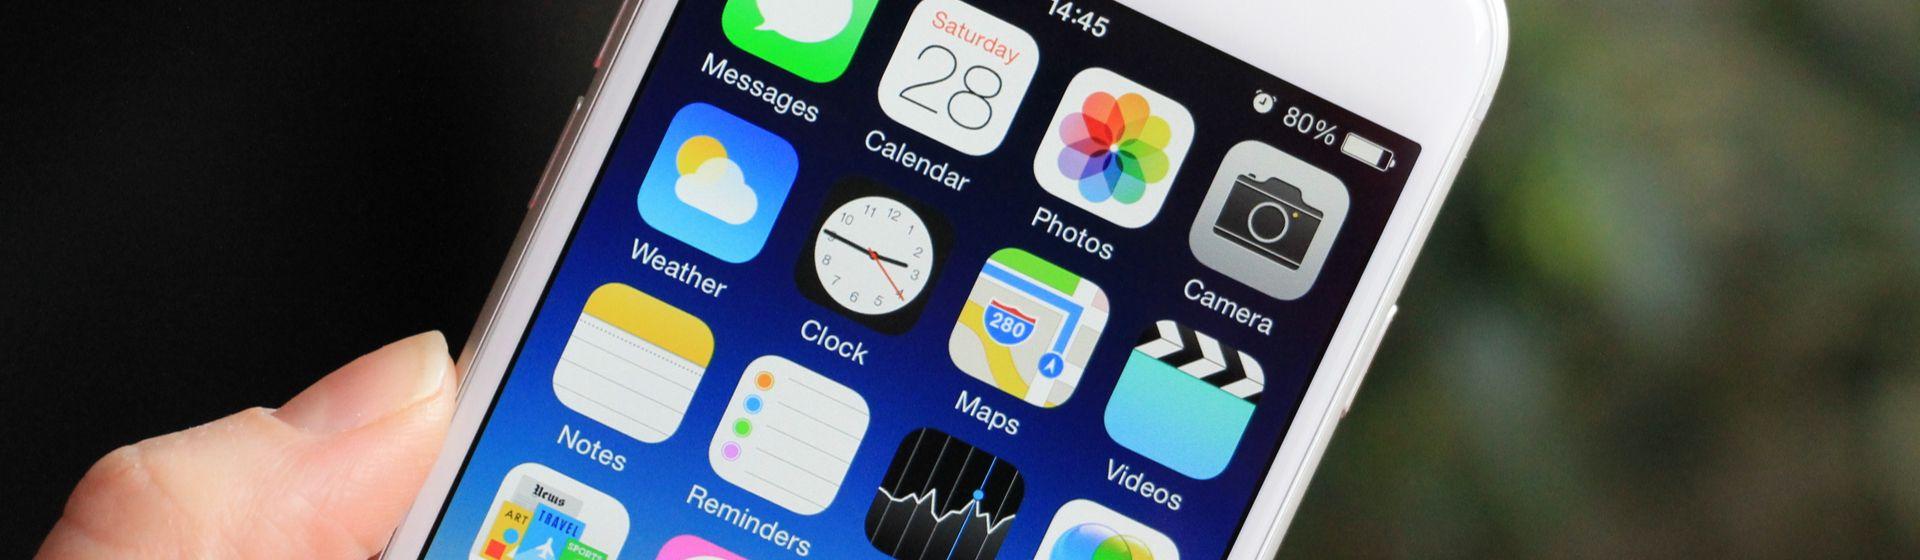 O que é app? Tudo sobre aplicativos para celular